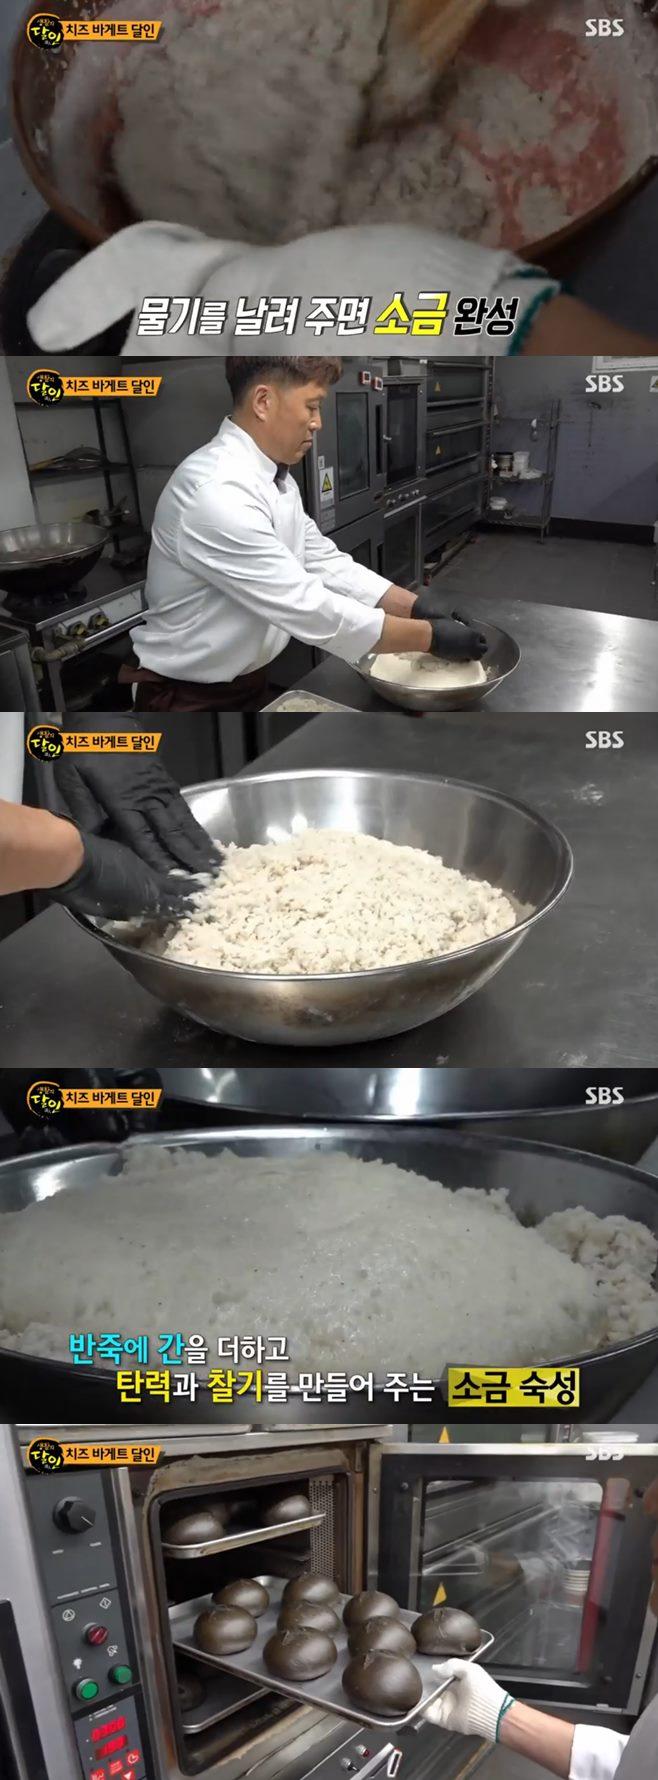 '생활의 달인' 망원동 프랑스 가정식 달인(프랑스백반)+치즈바게트 달인(라파티세리킴) 맛집